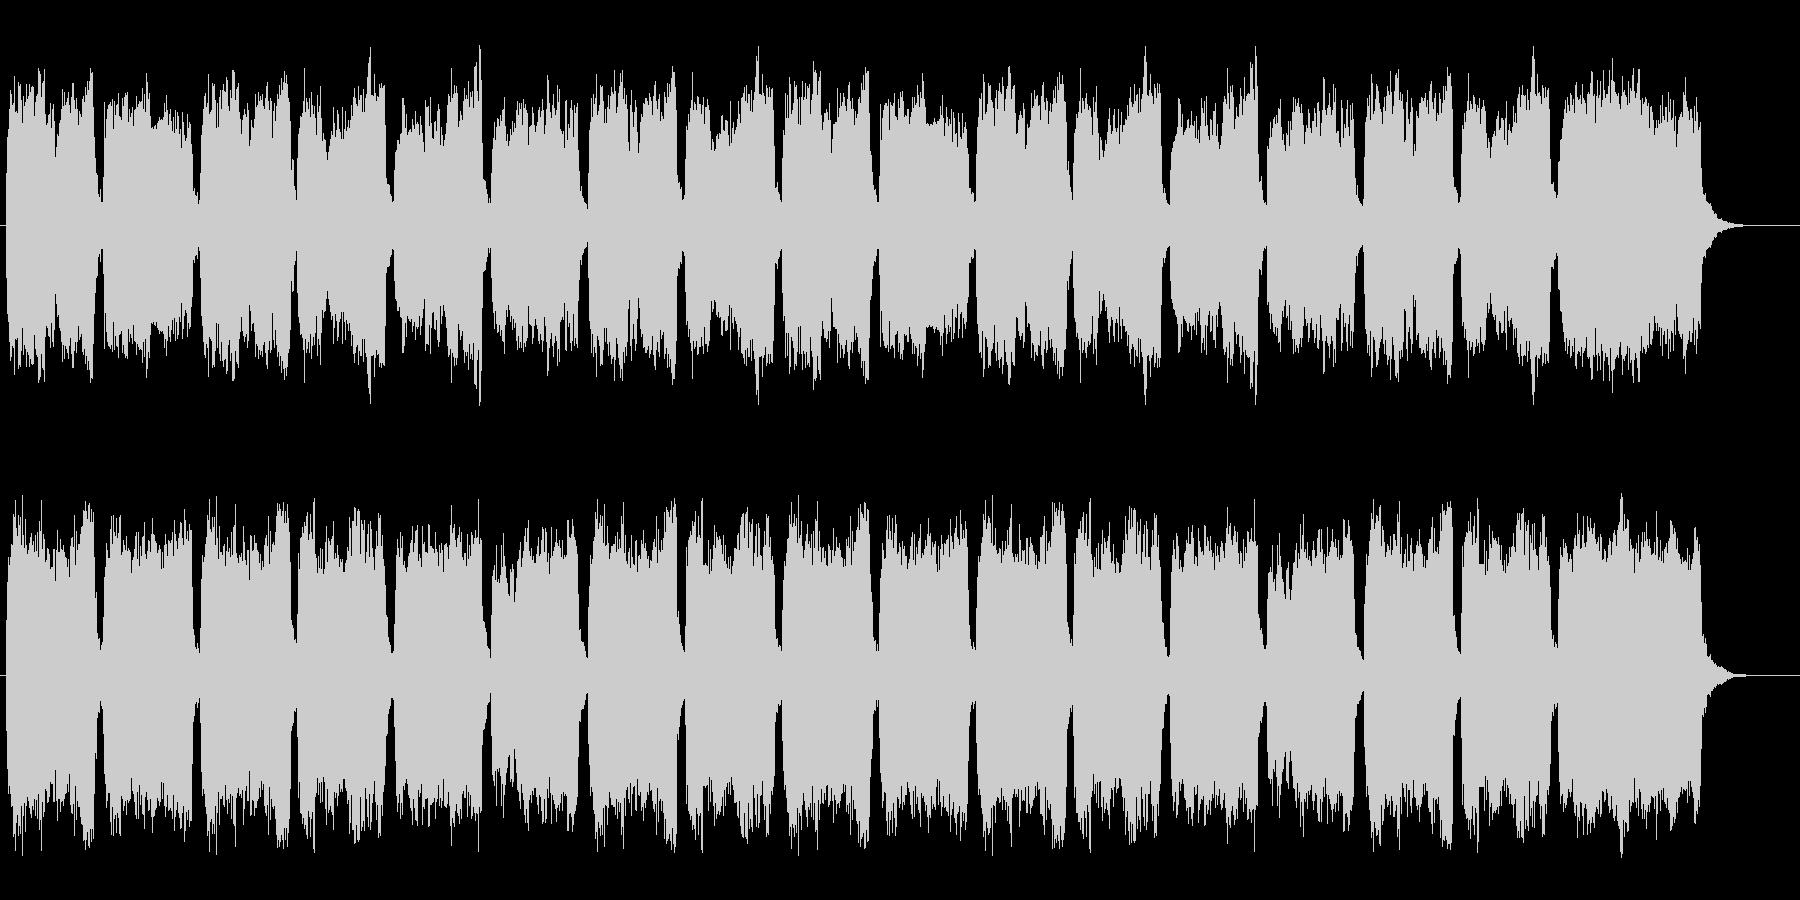 合唱とオルガン、賛美歌312番、結婚式にの未再生の波形